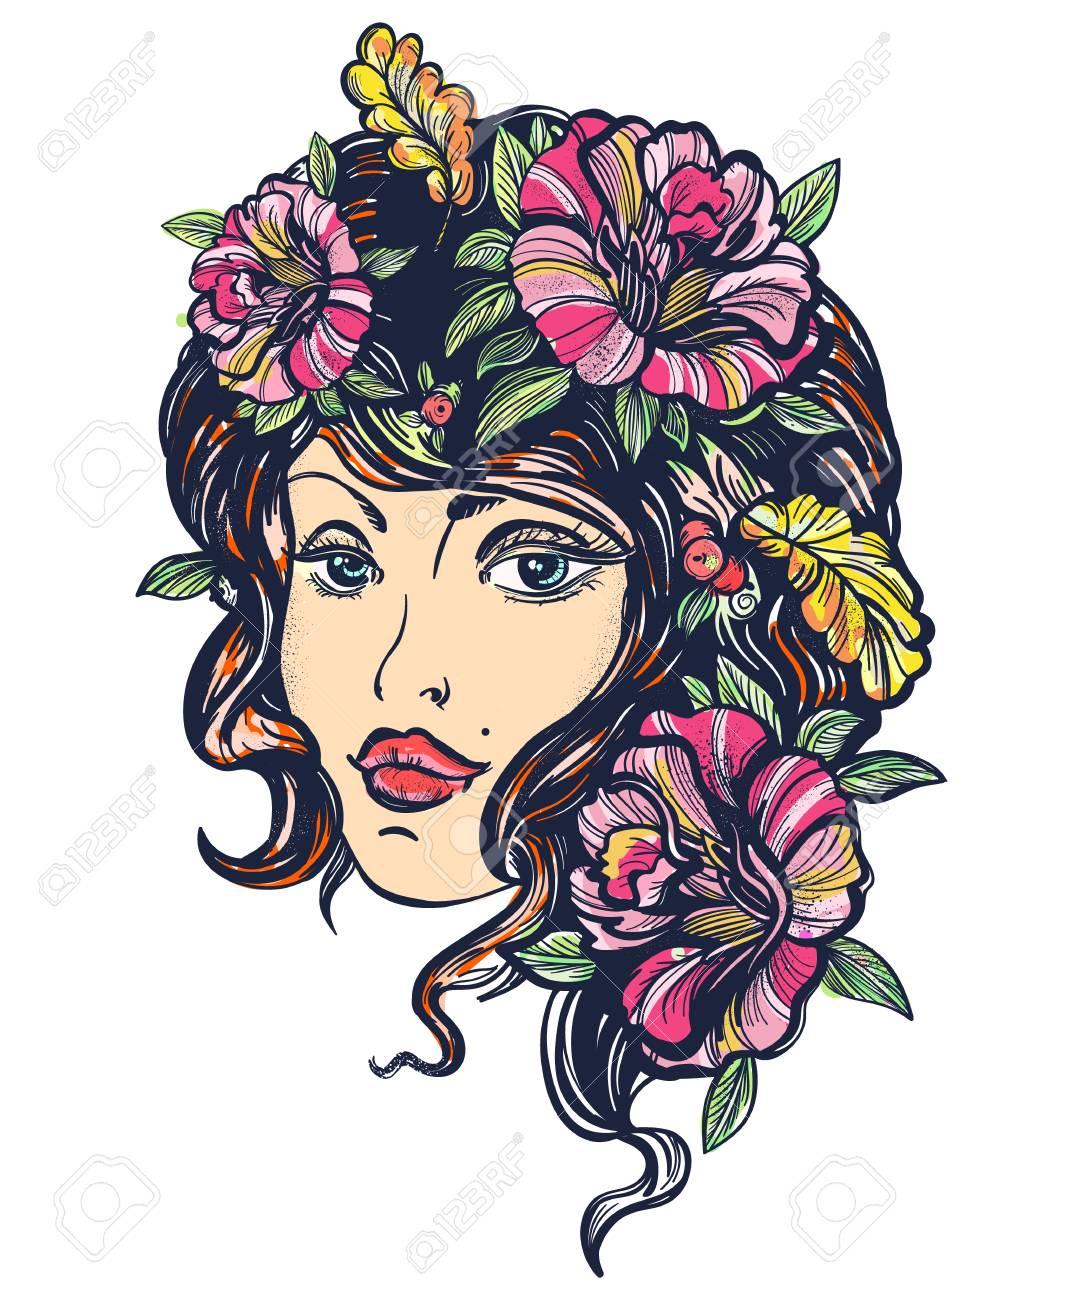 Tatuaje Del Color De La Escuela Vieja De La Mujer De La Naturaleza